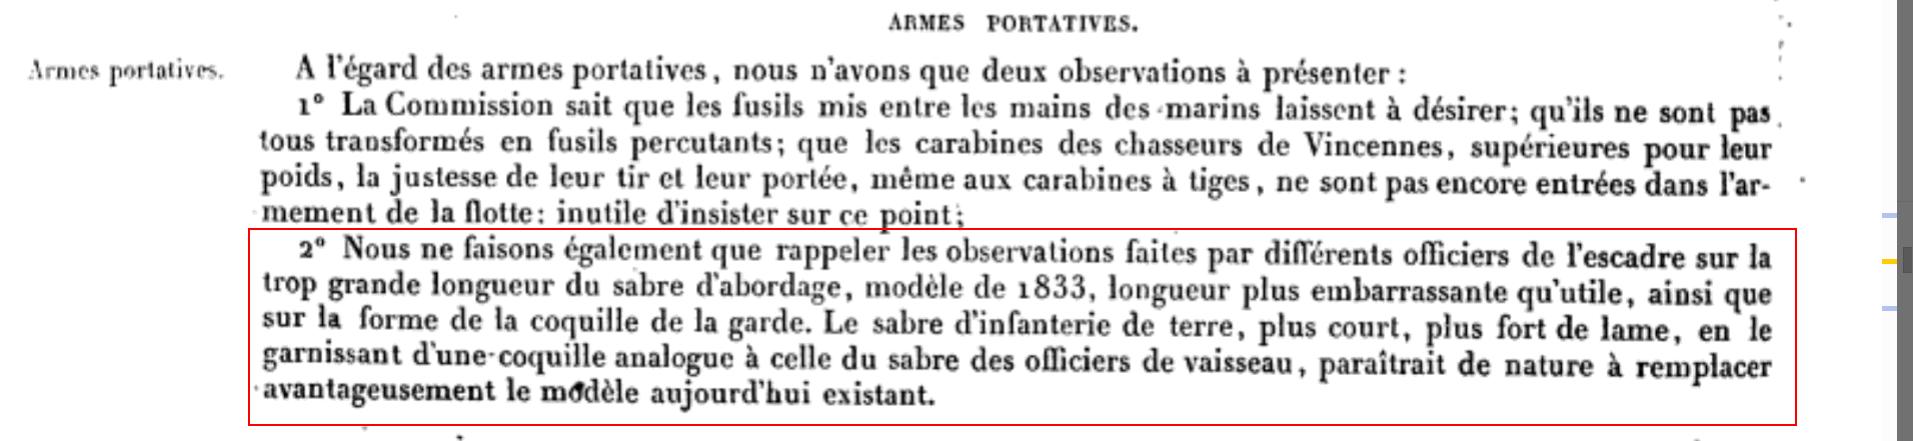 LES ÉVOLUTIONS DU SABRE D'OFFICIER DE MARINE FRANÇAIS DE 1837 À NOS JOURS - Page 7 Lame10